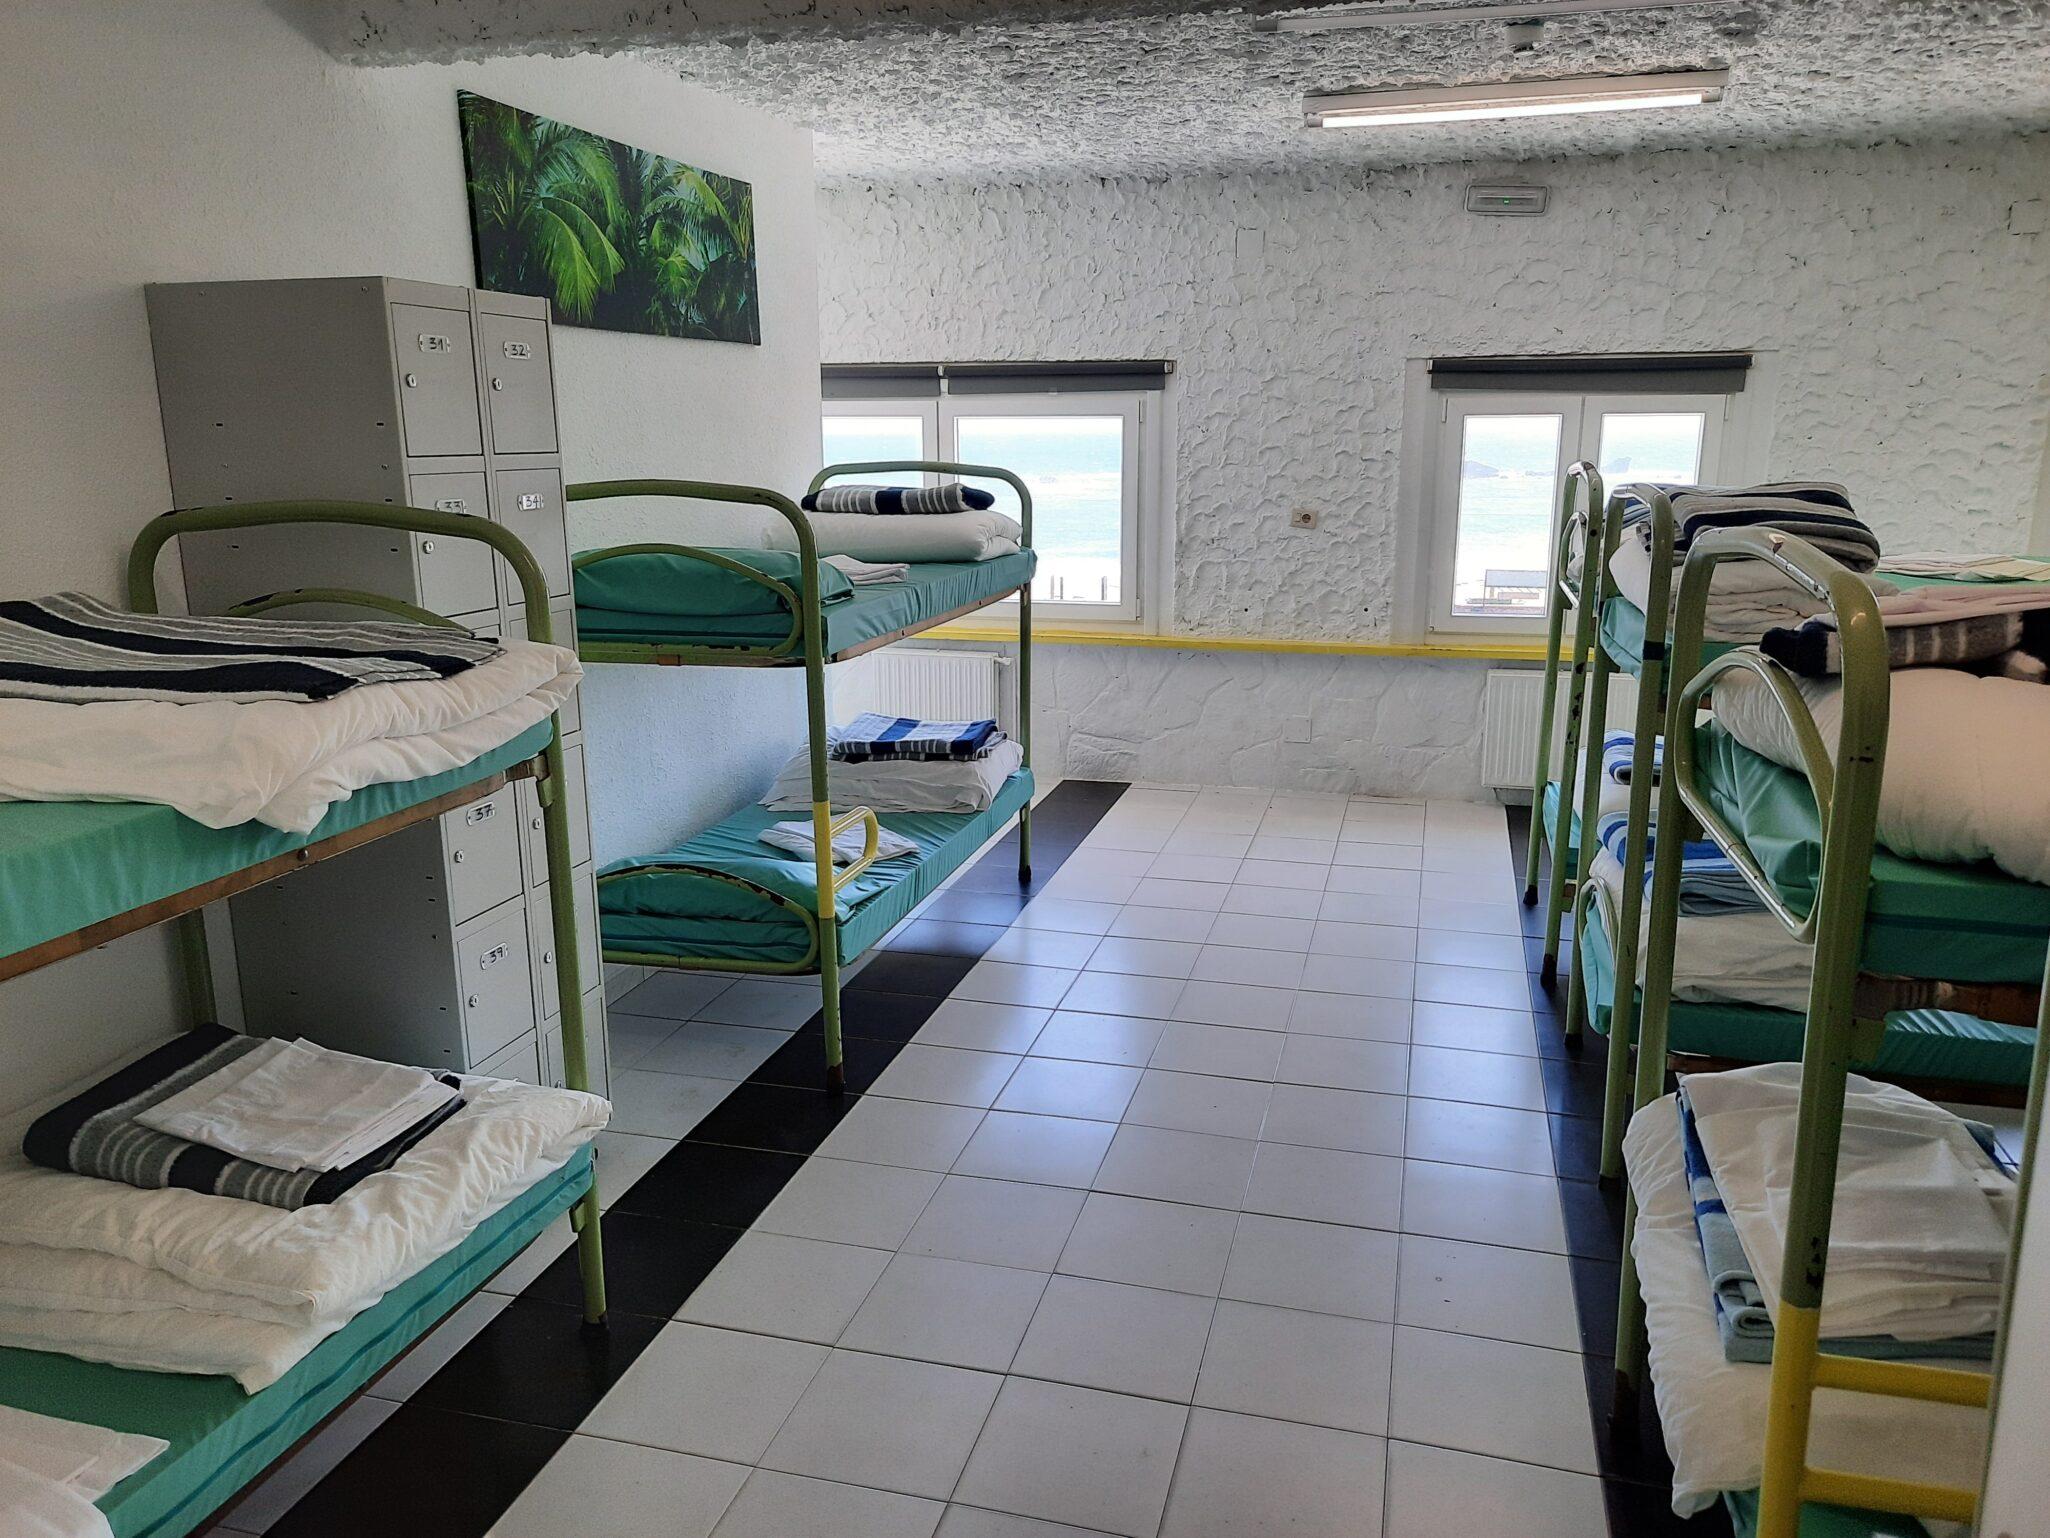 habitaciones albergue